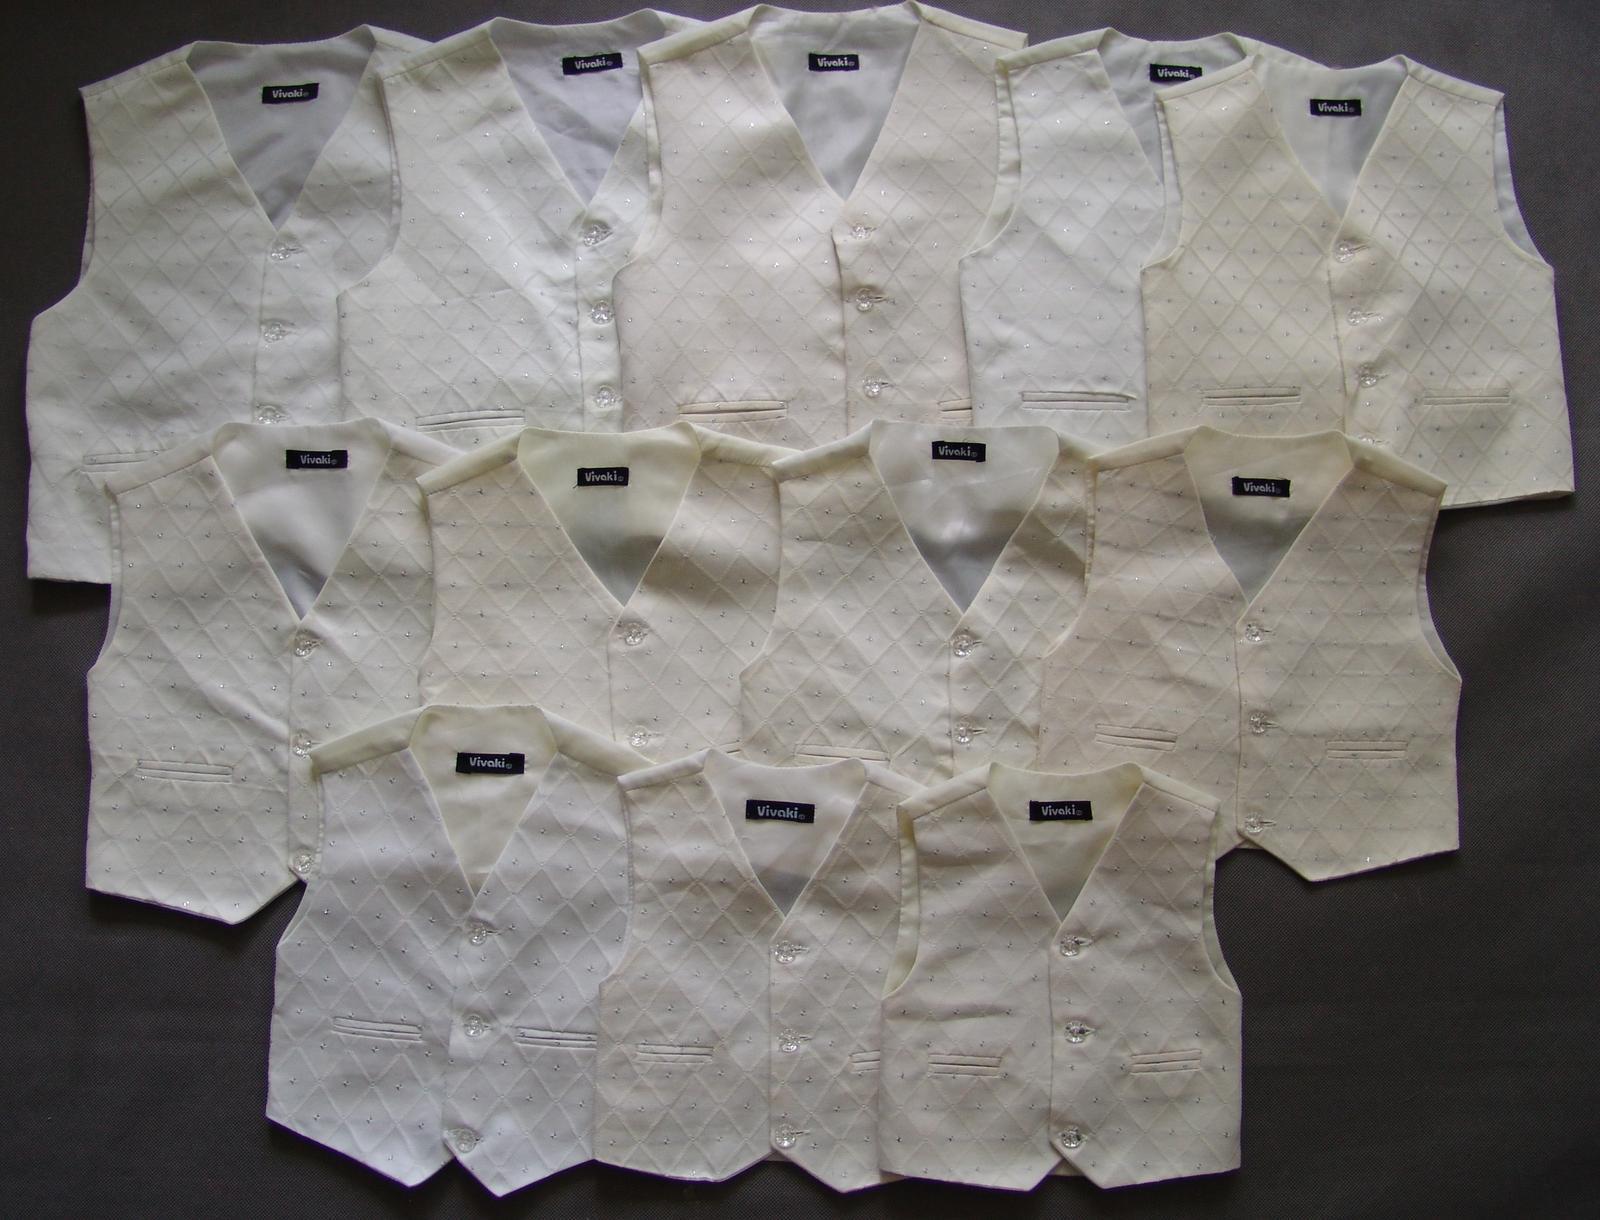 SKLADEM - k zapůjčení ivory oblek, 0-3,9-12, 5 a 6 - Obrázek č. 2